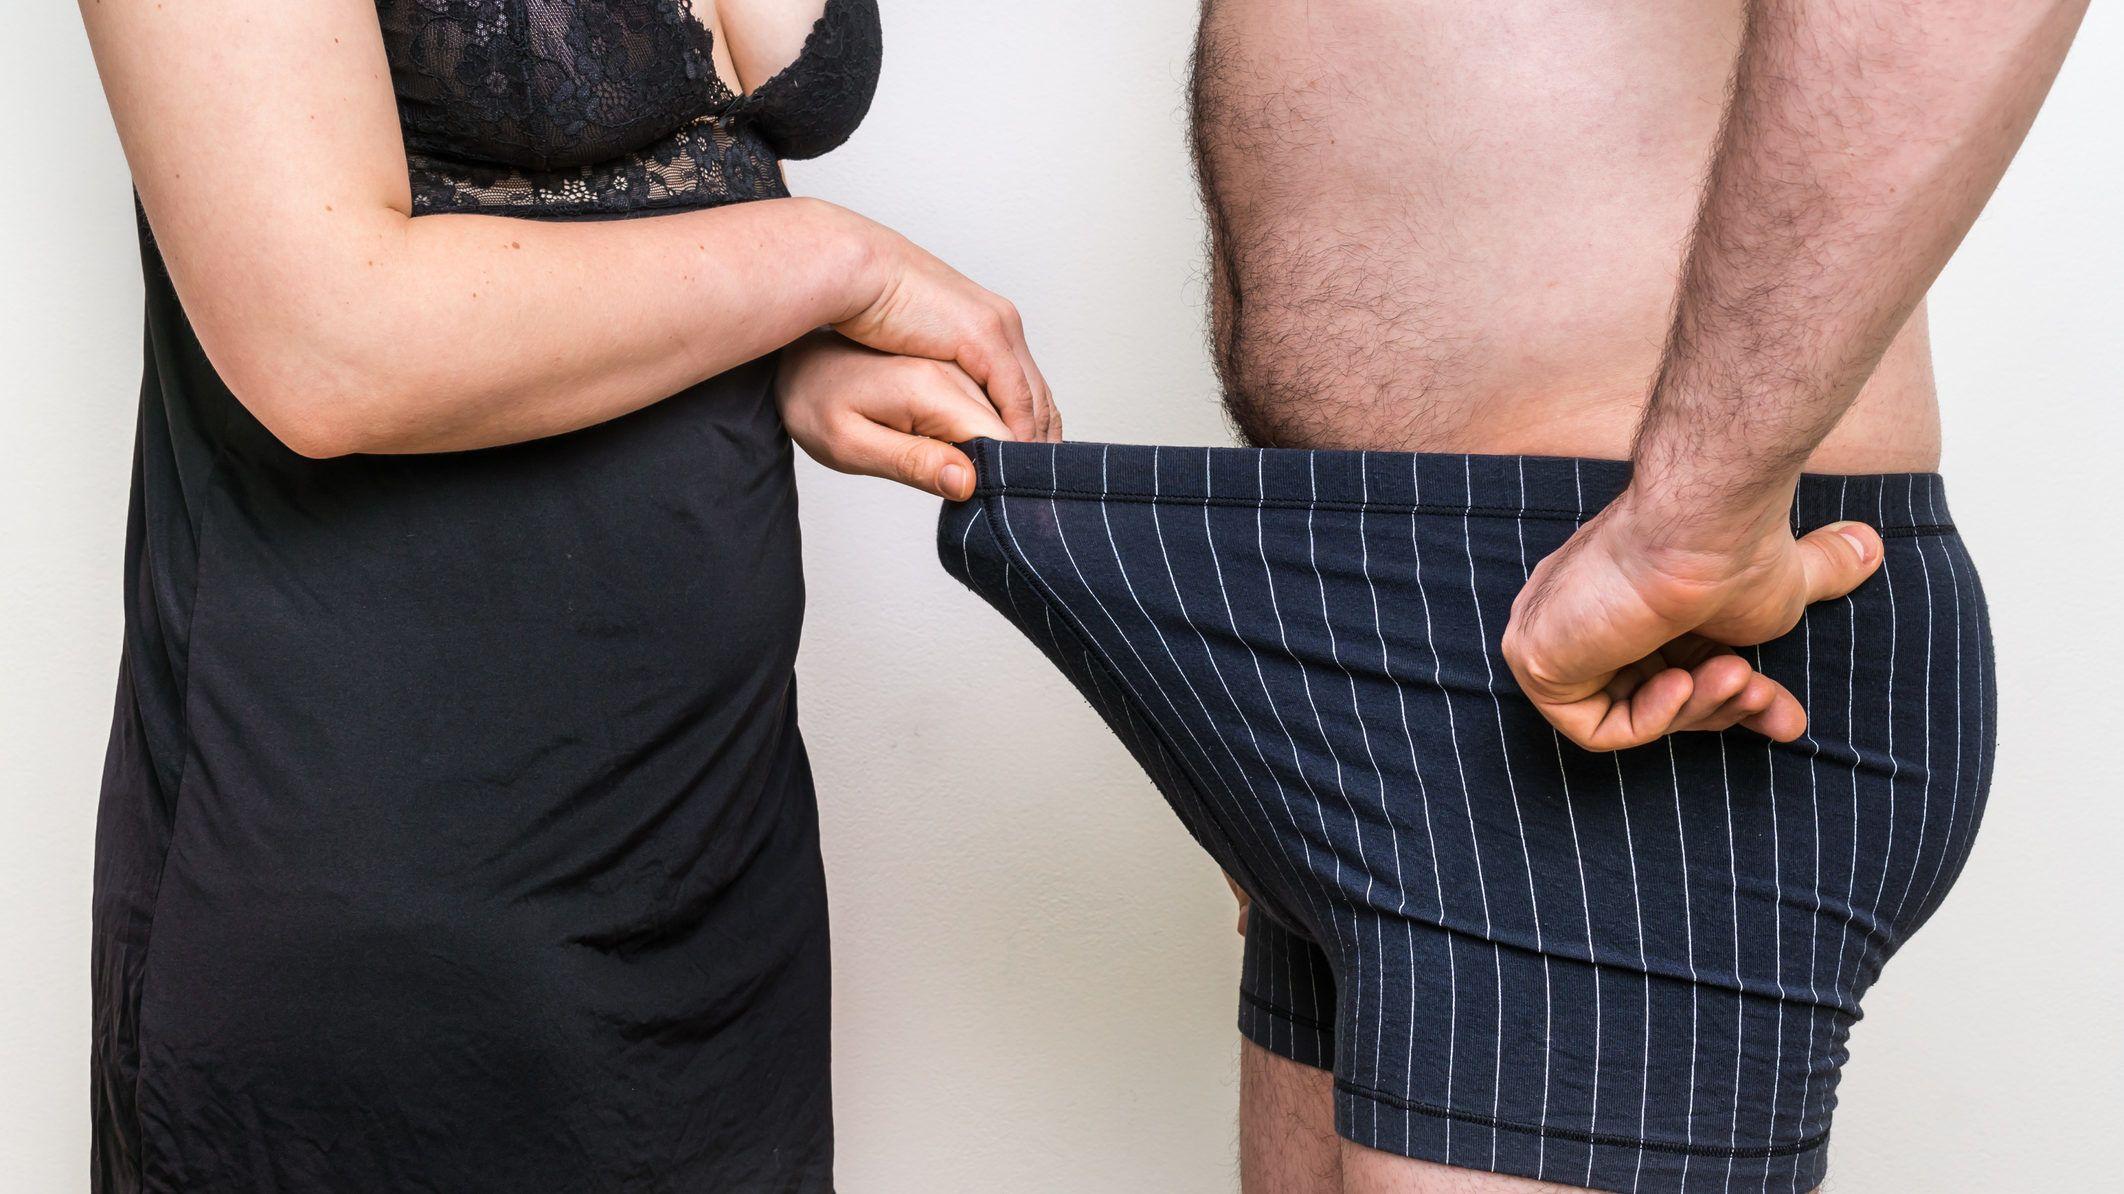 miért jelentkezik reggel egy merevedés az ember megnöveli a péniszét